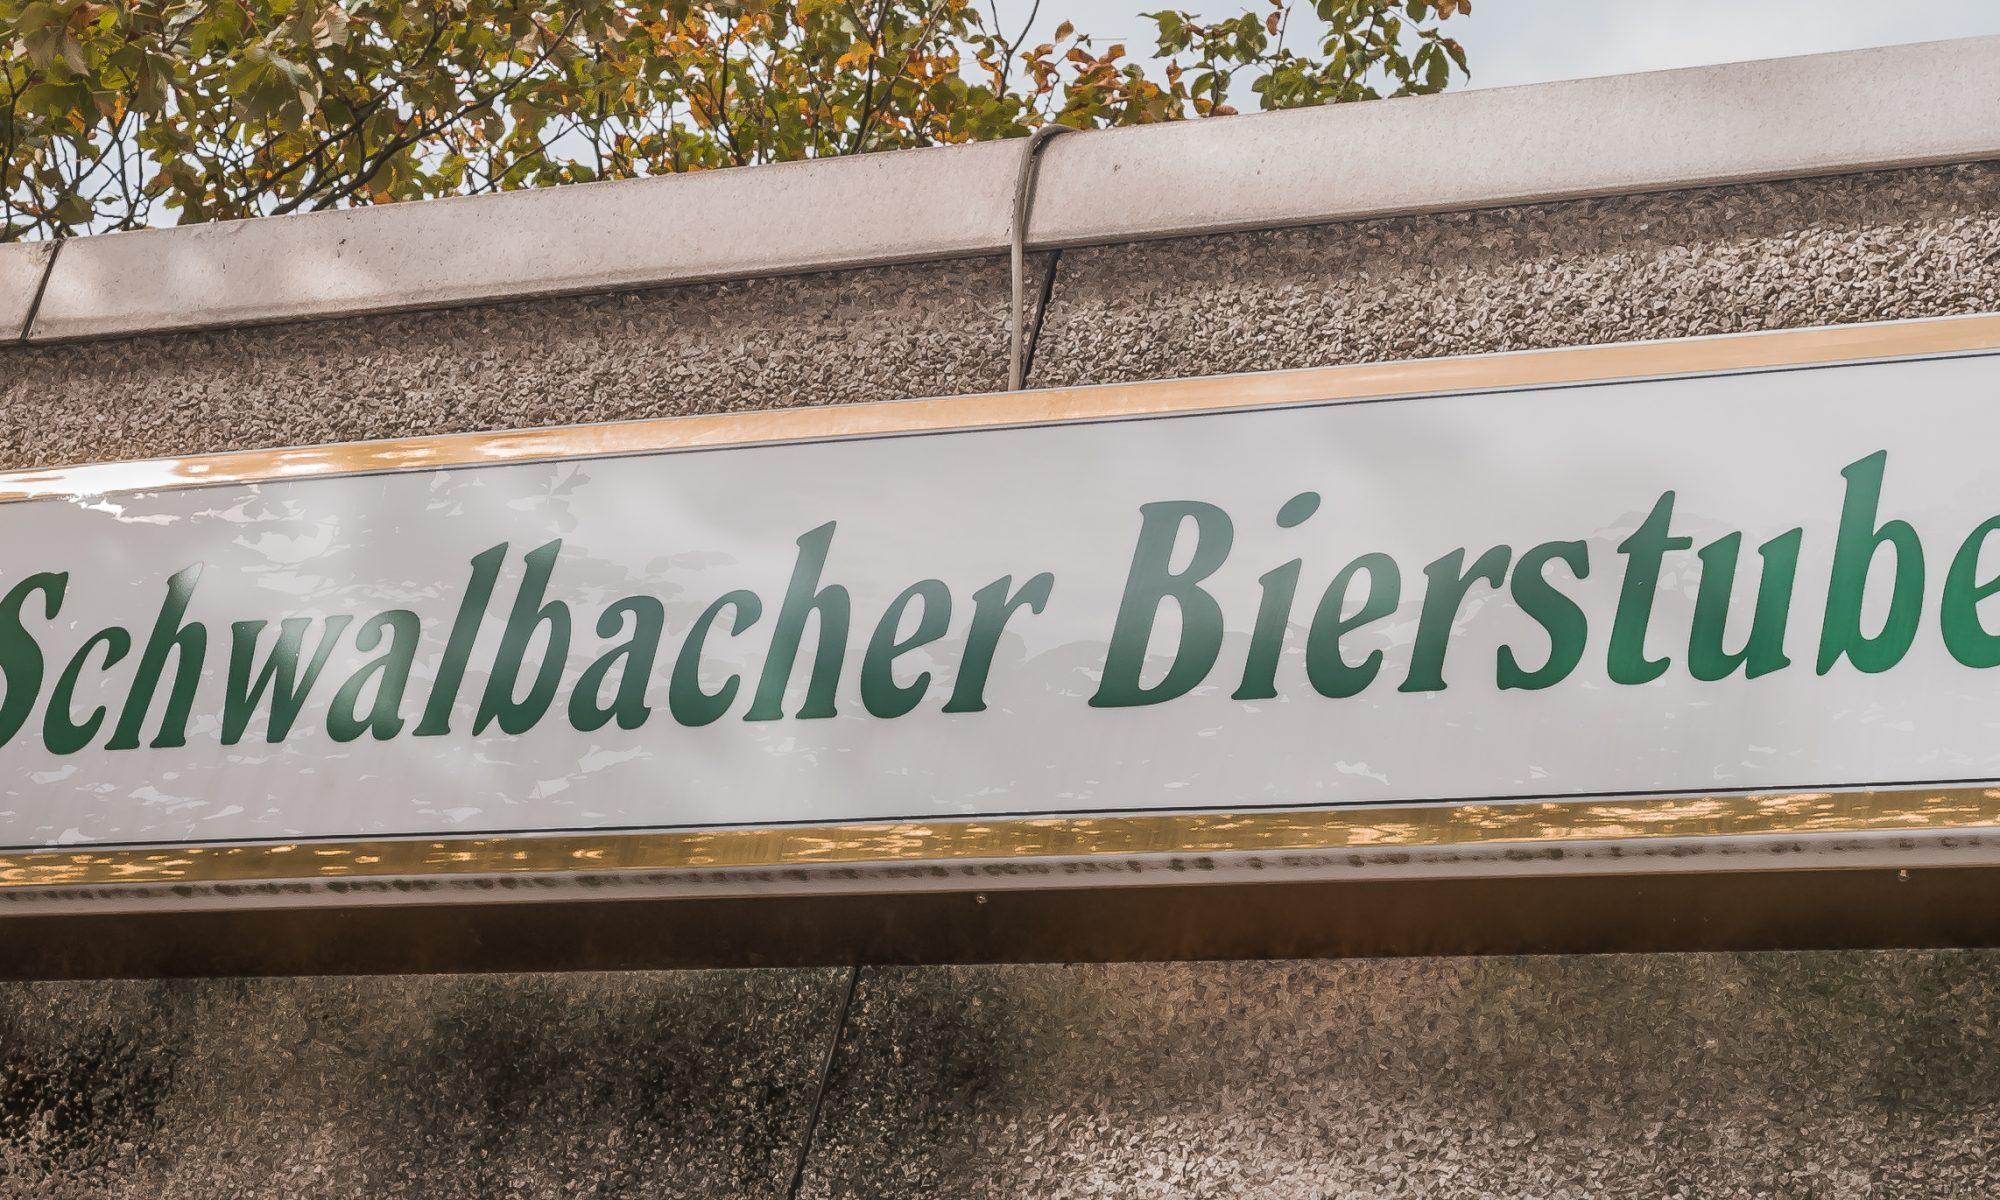 Schwalbacher Bierstube